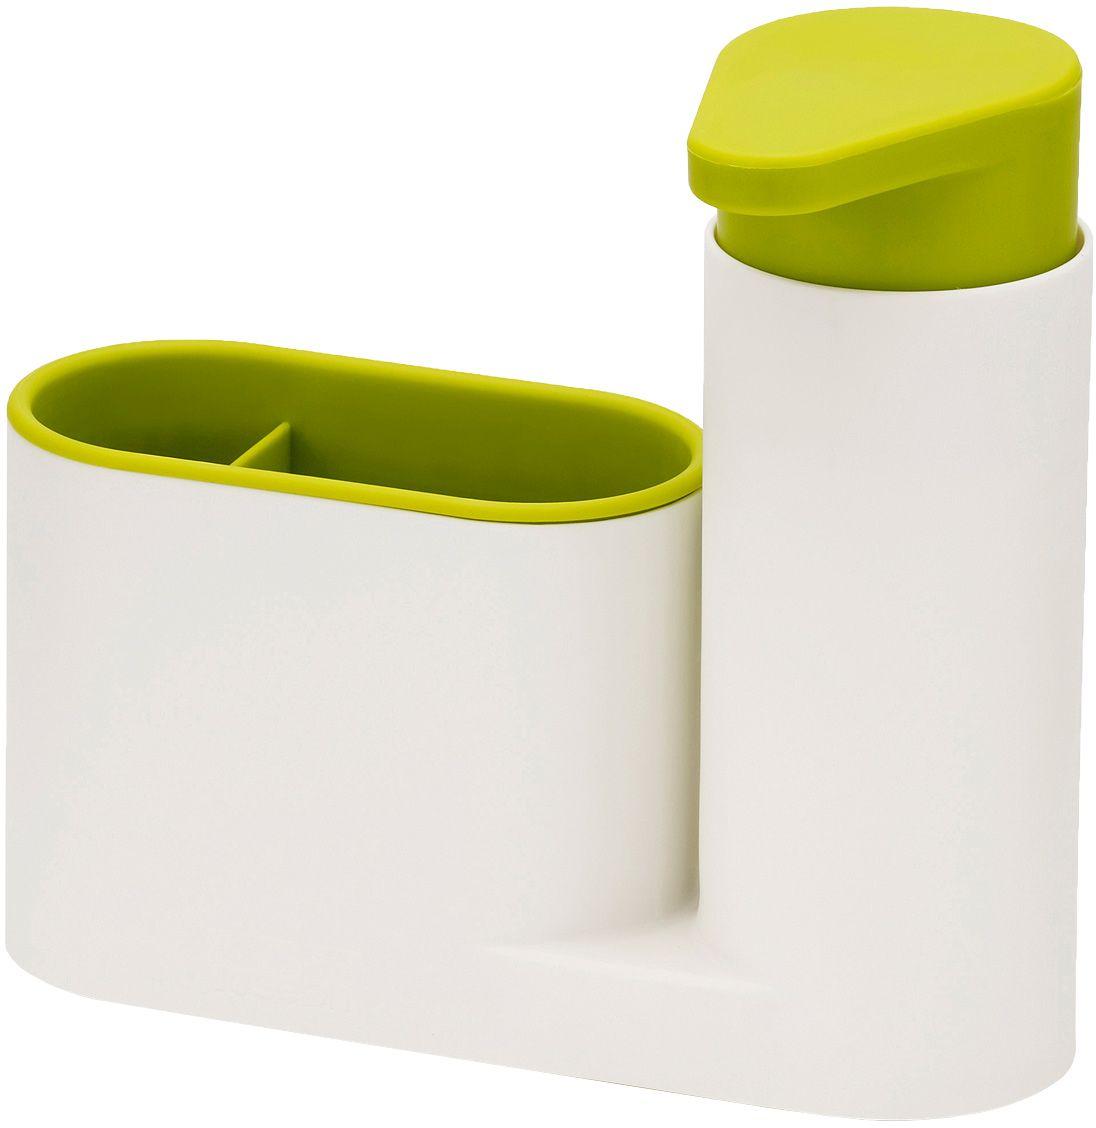 Органайзер для раковины Joseph Joseph SinkBase, с дозатором для мыла, цвет: белый, зеленый85081Функциональный набор для организации пространства на кухонной раковине. Набор состоит из удобного дозатора для жидкого мыла и подставки с двумя отделениями для щеток и губок. Благодаря компактному дизайну органайзер может быть размещен даже на узкой стороне раковины. Рекомендуется мыть только вручную.